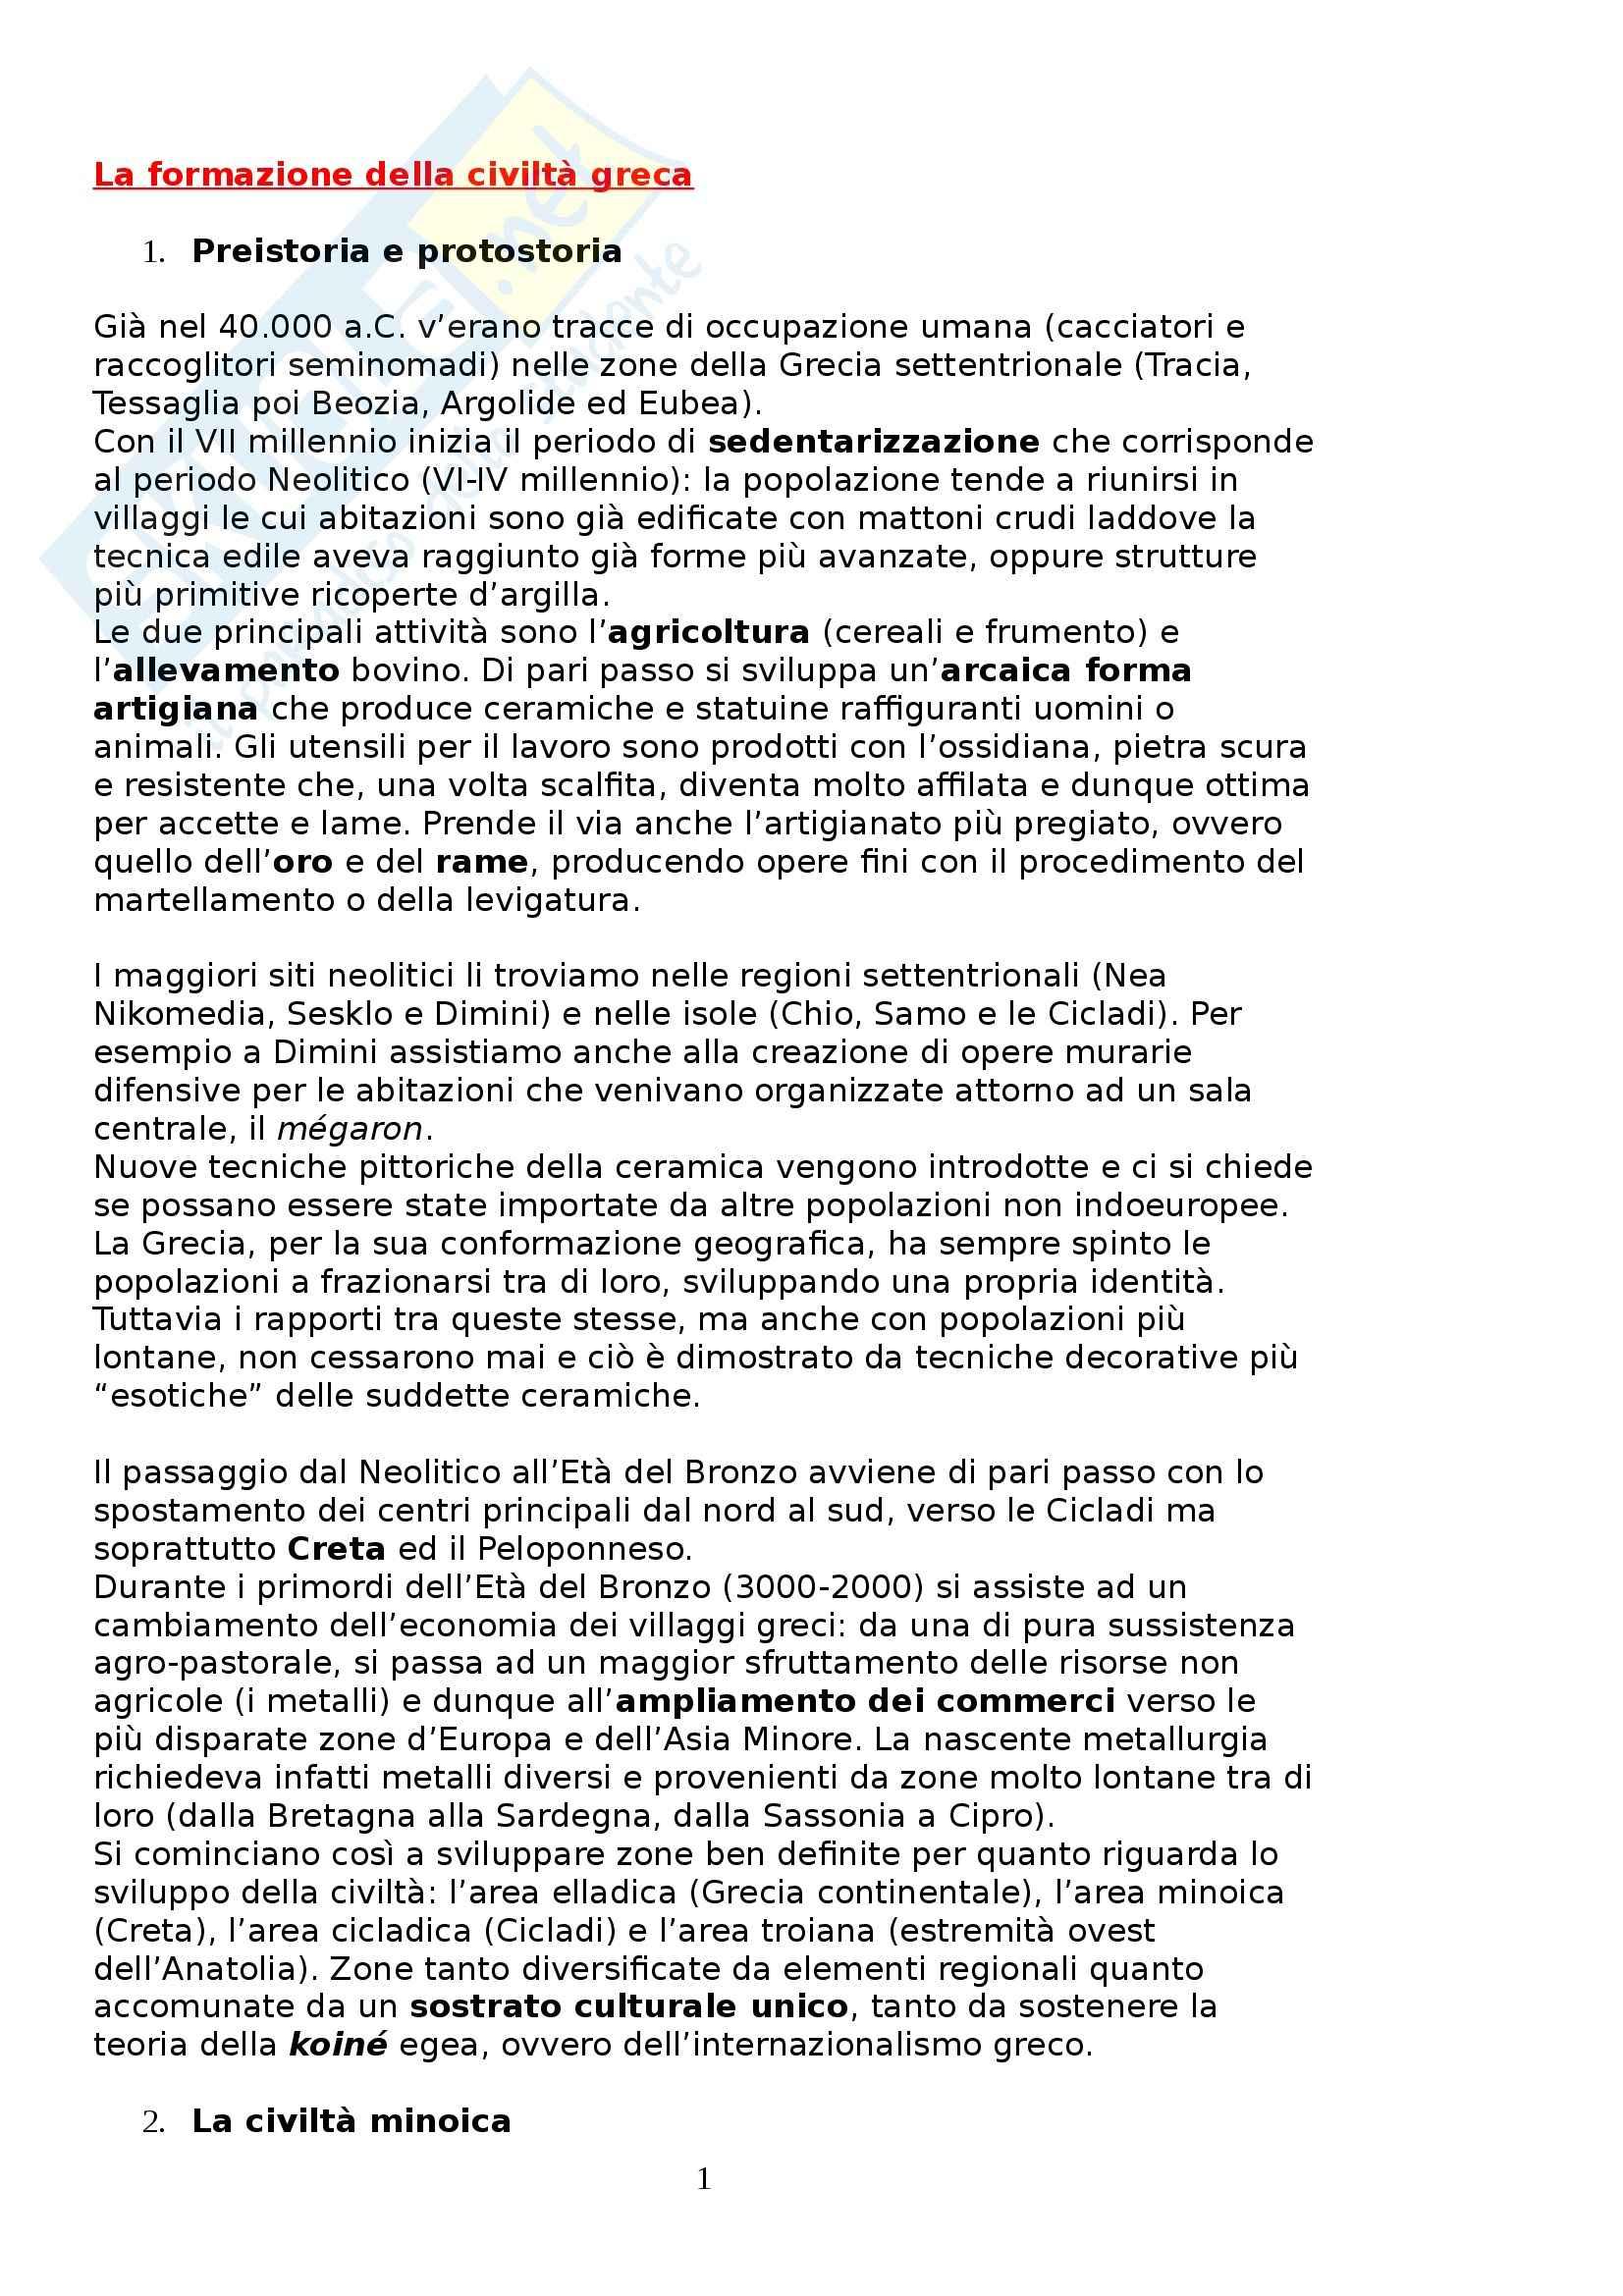 Riassunto esame Storia greca, prof. Culasso, libro consigliato Manuale di Storia greca, di C. Bearzot